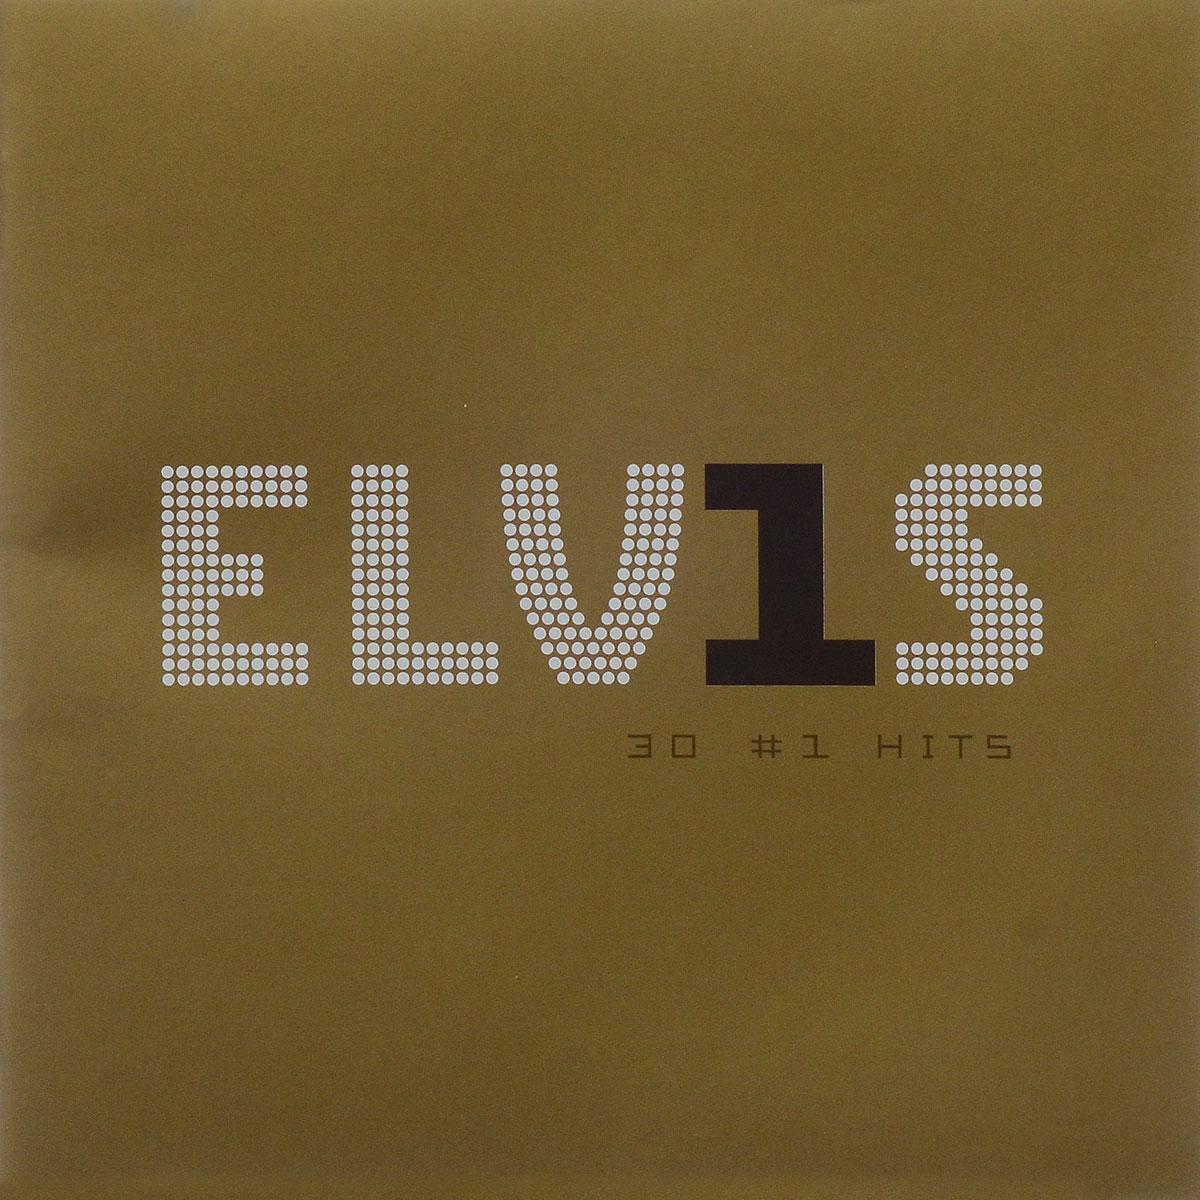 Элвис Пресли Elvis Presley. Elvis 30 #1 Hits elvis presley elvis presley 30 1 hits 2 lp